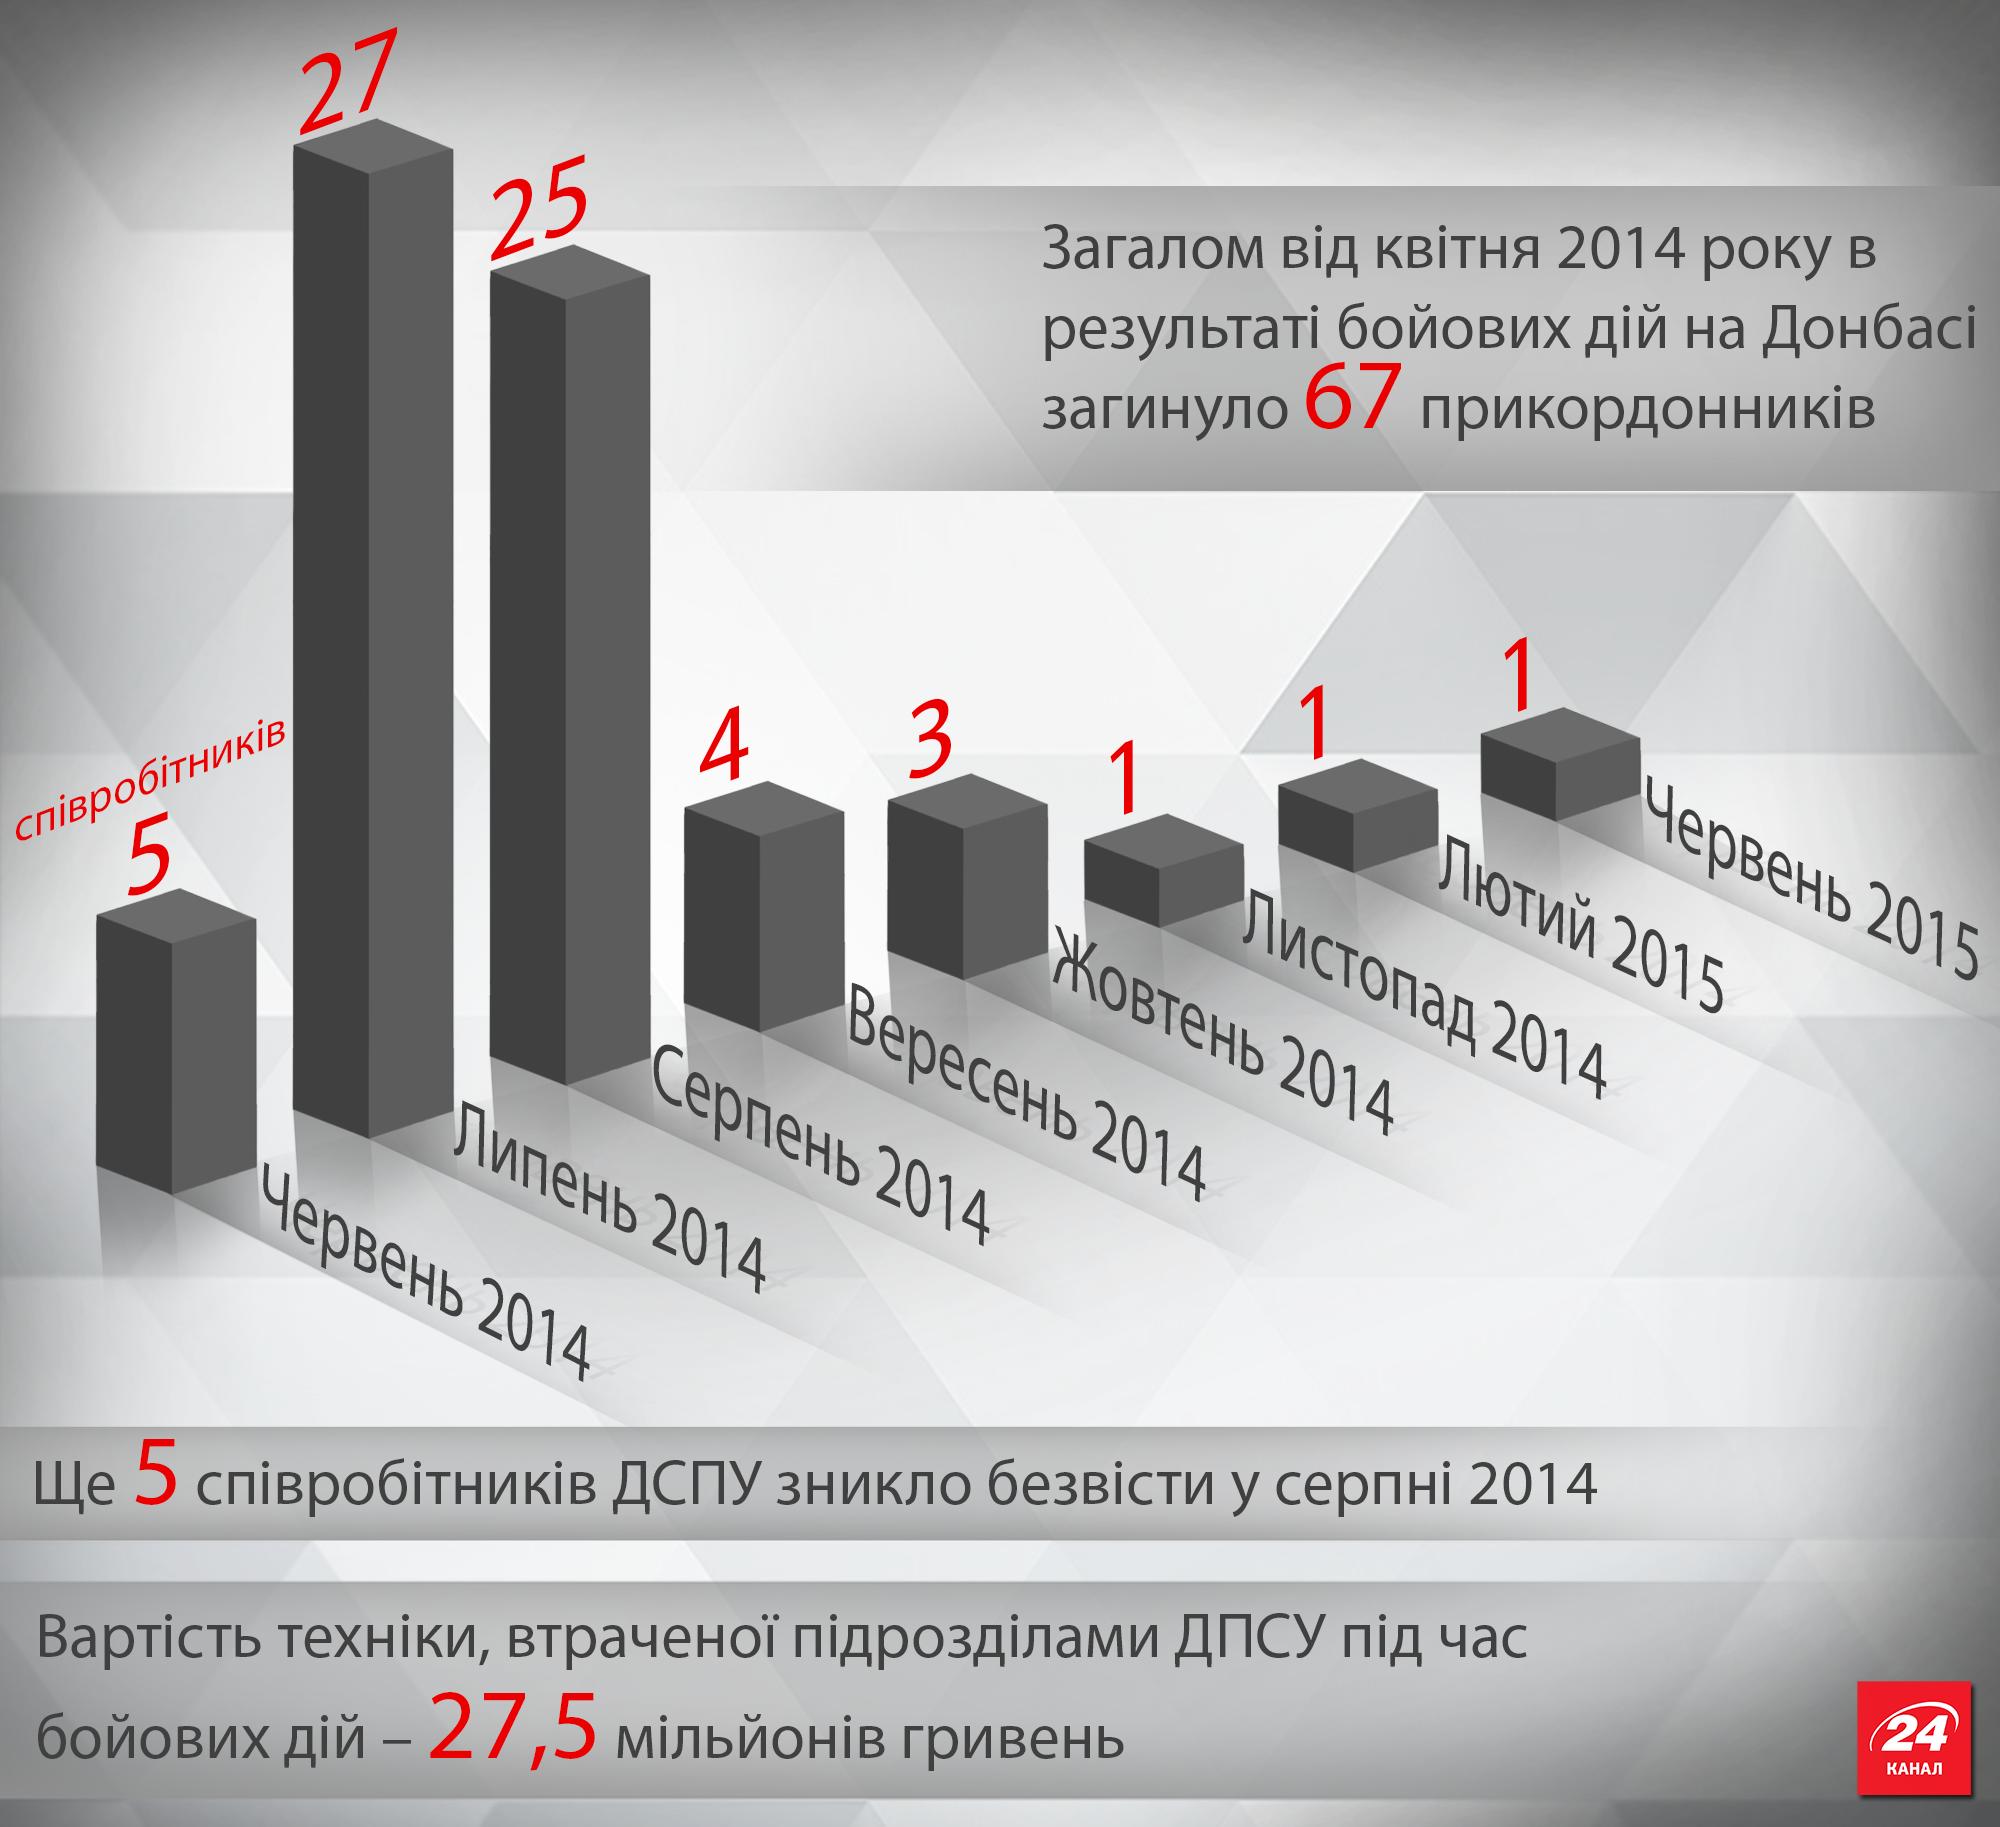 Втрати ДПСУ на Донбасі